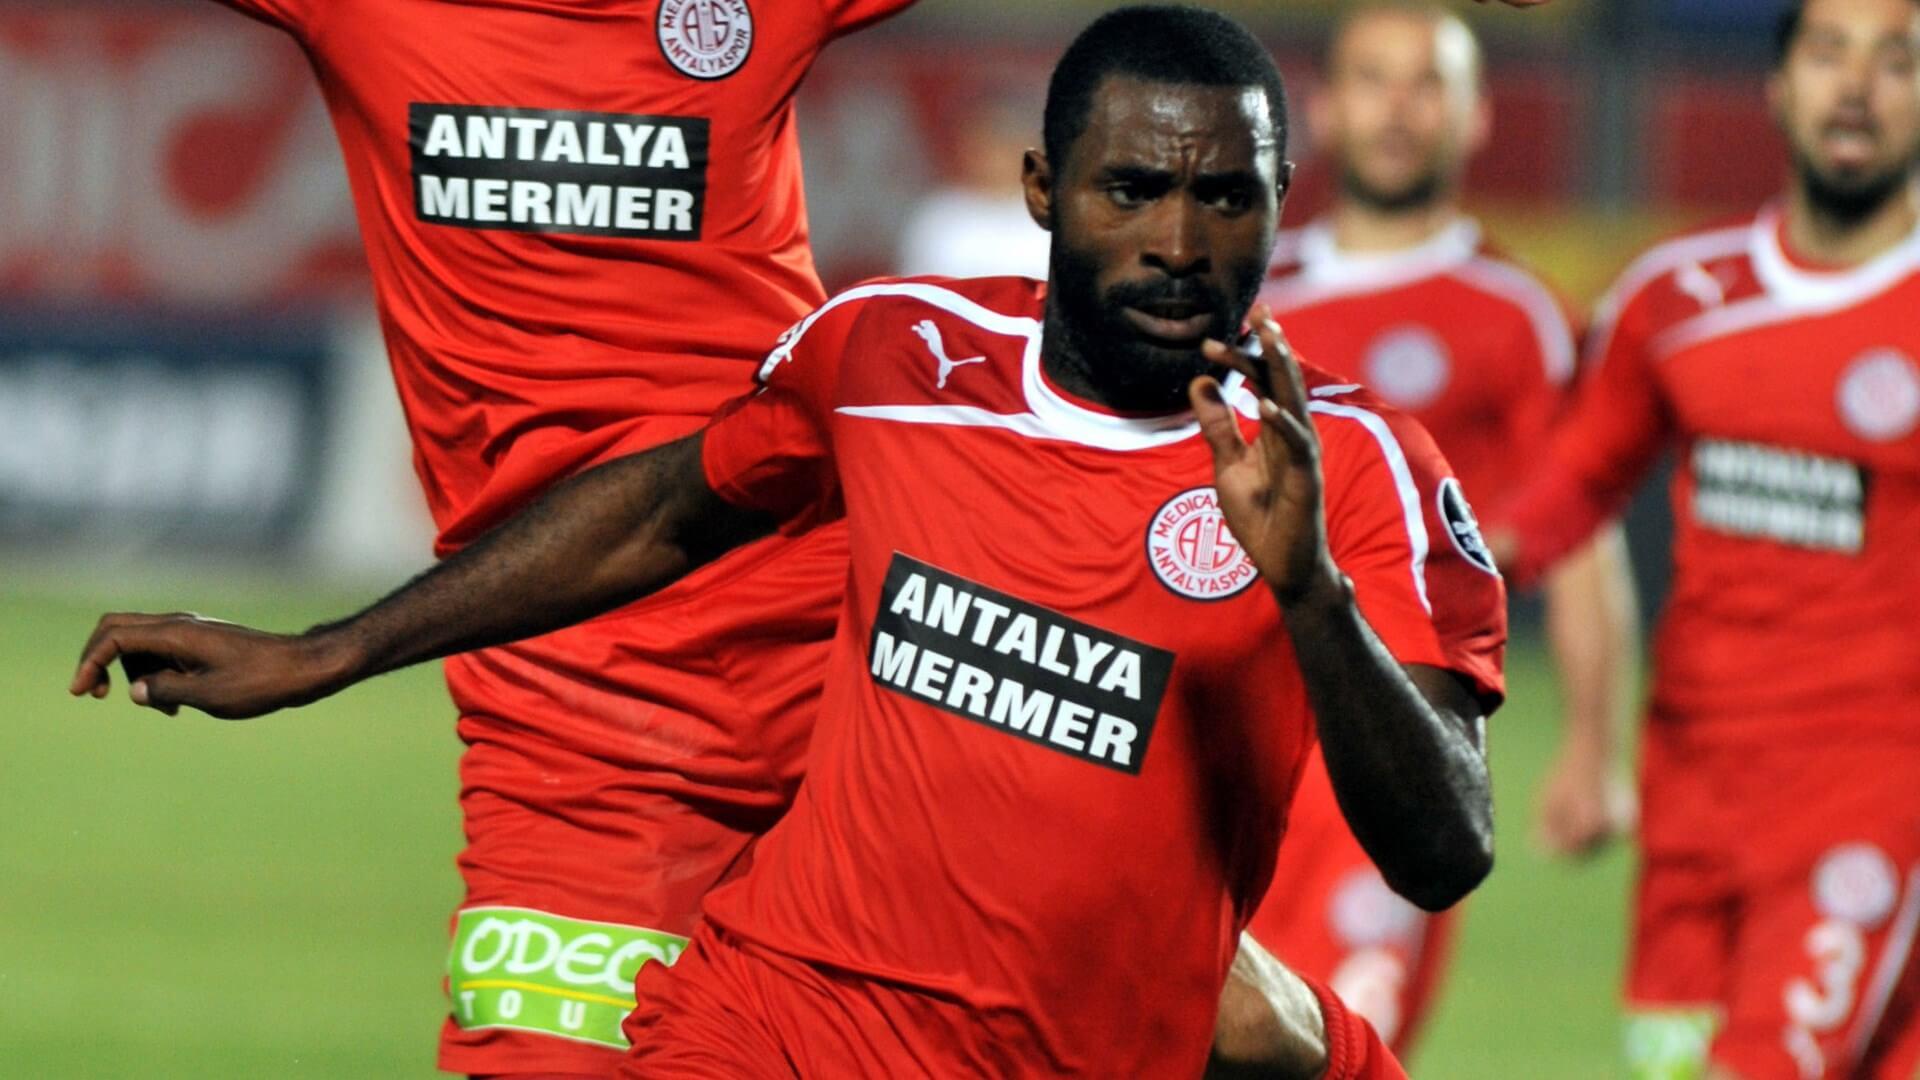 Antalyaspor Tickets 2018 19 Season Football Ticket Net